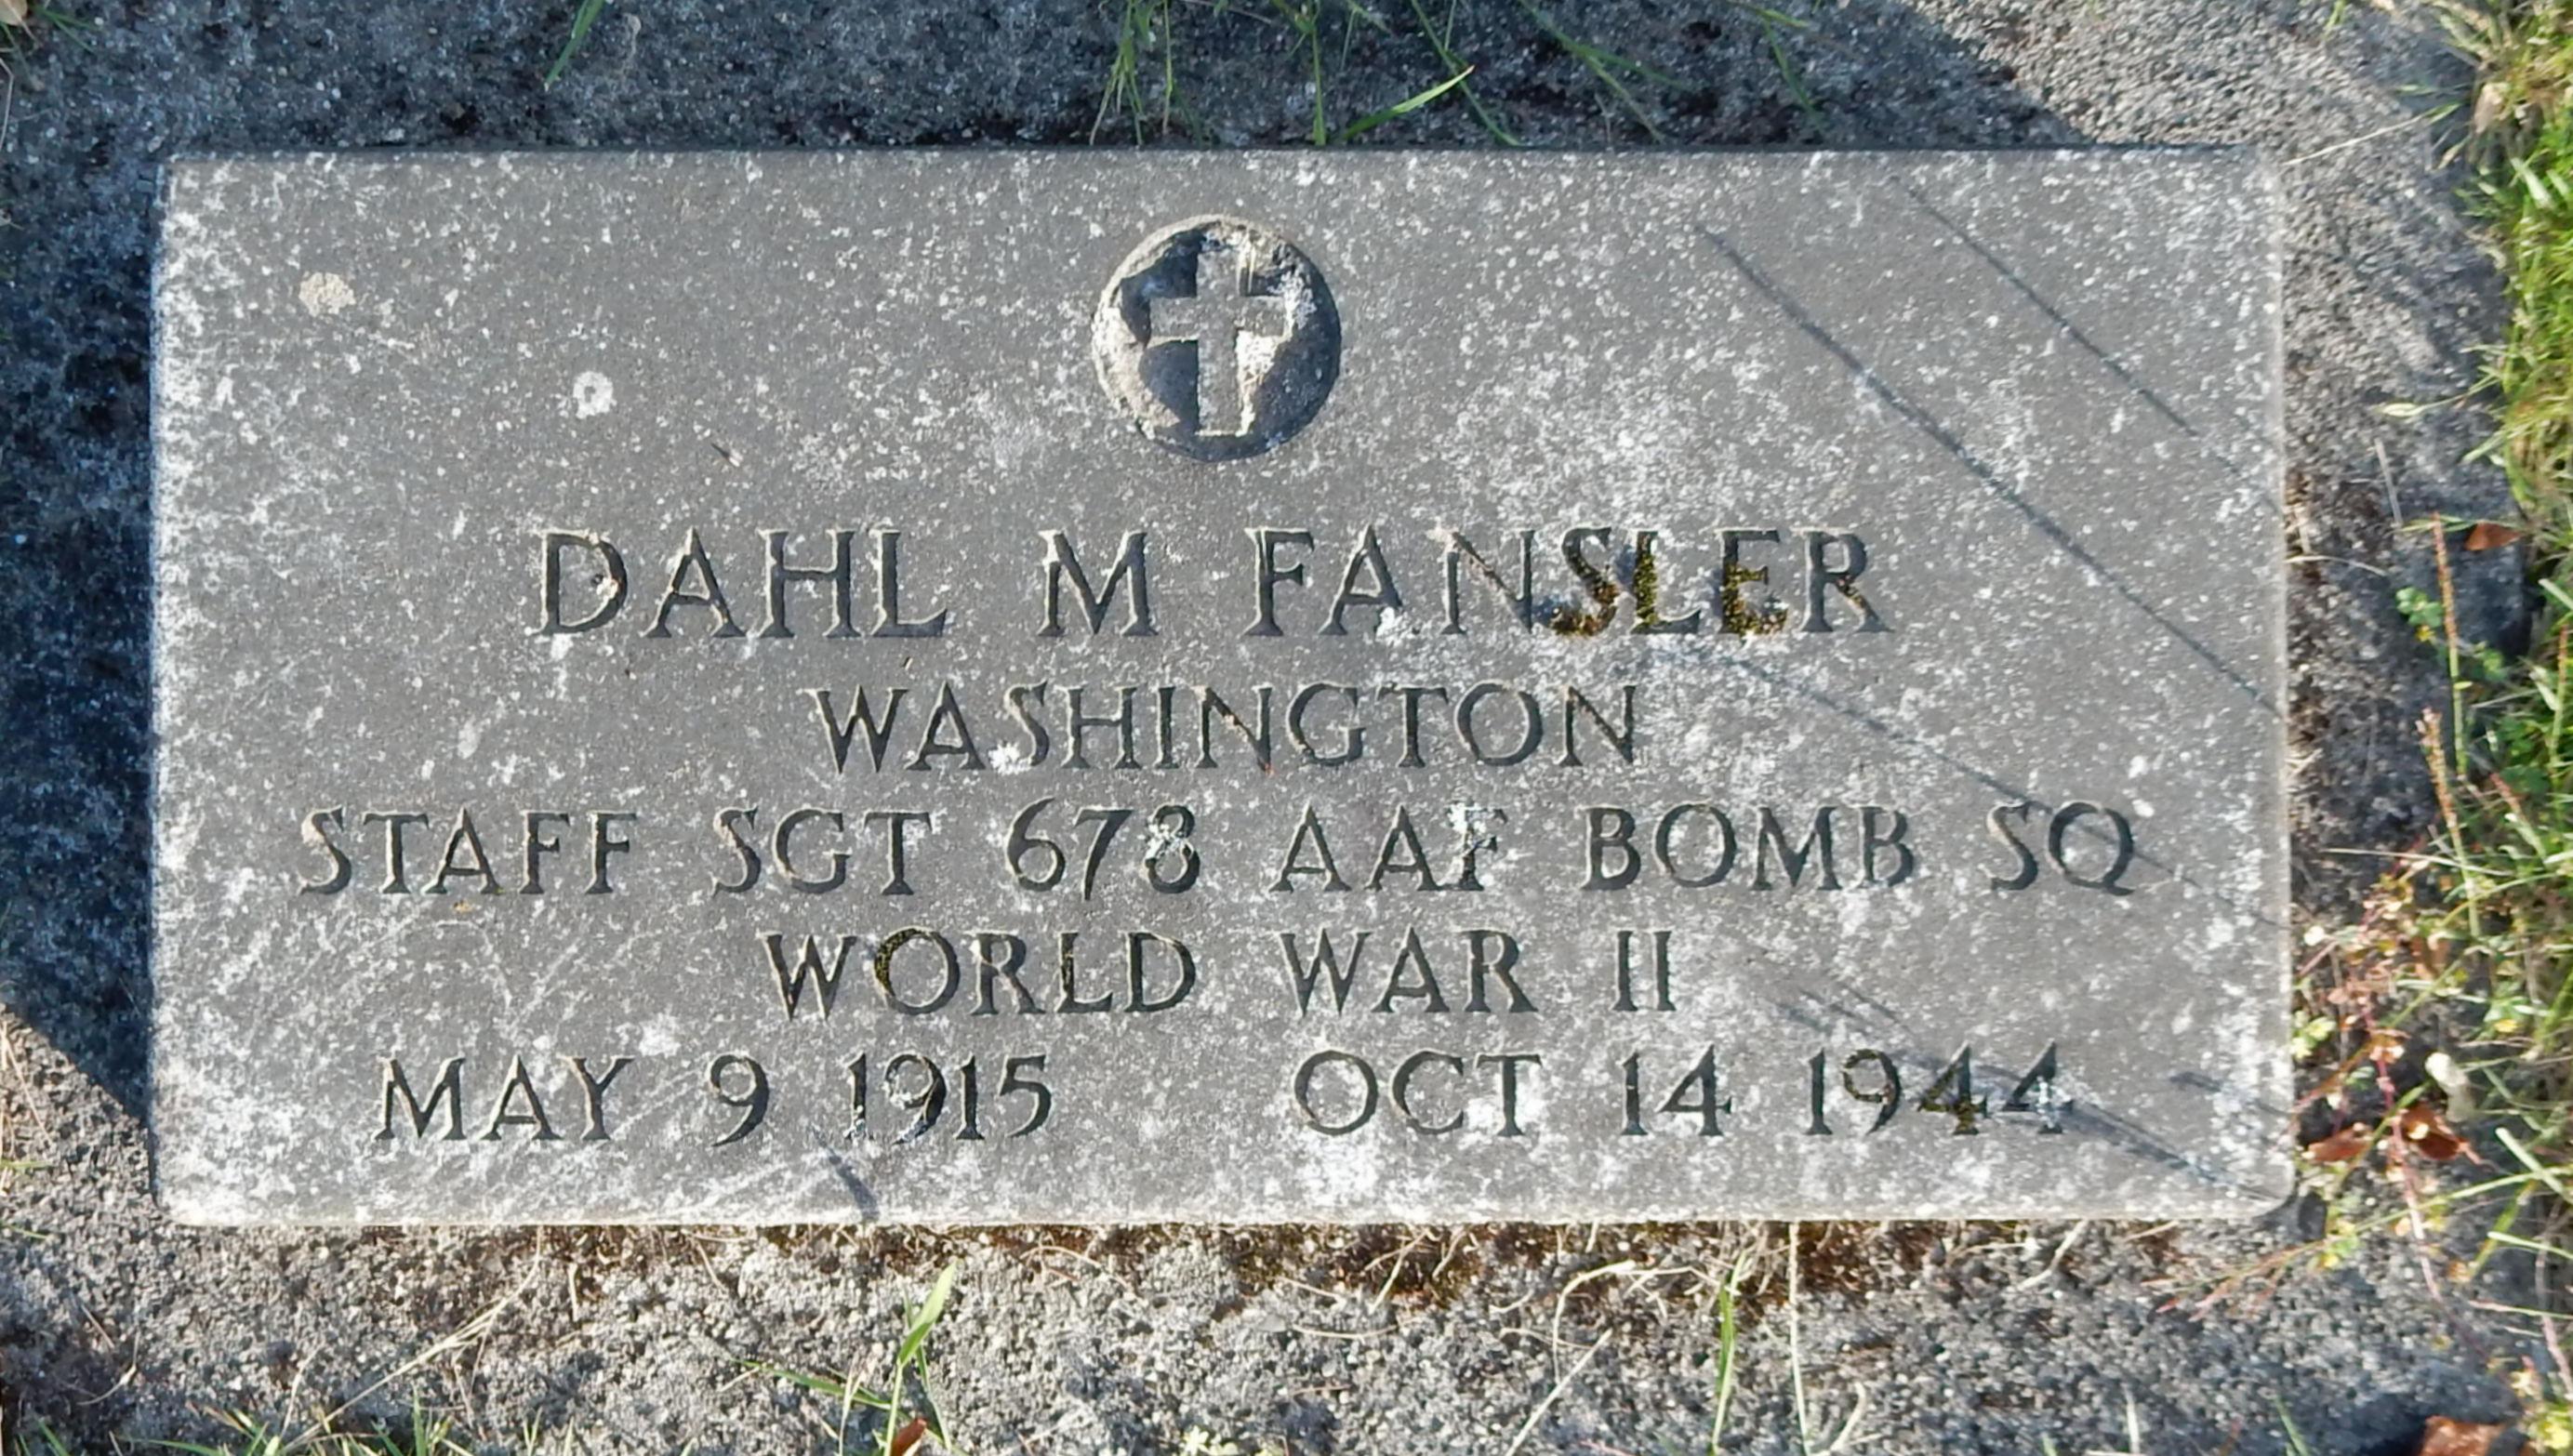 SSGT Dahl M Fansler